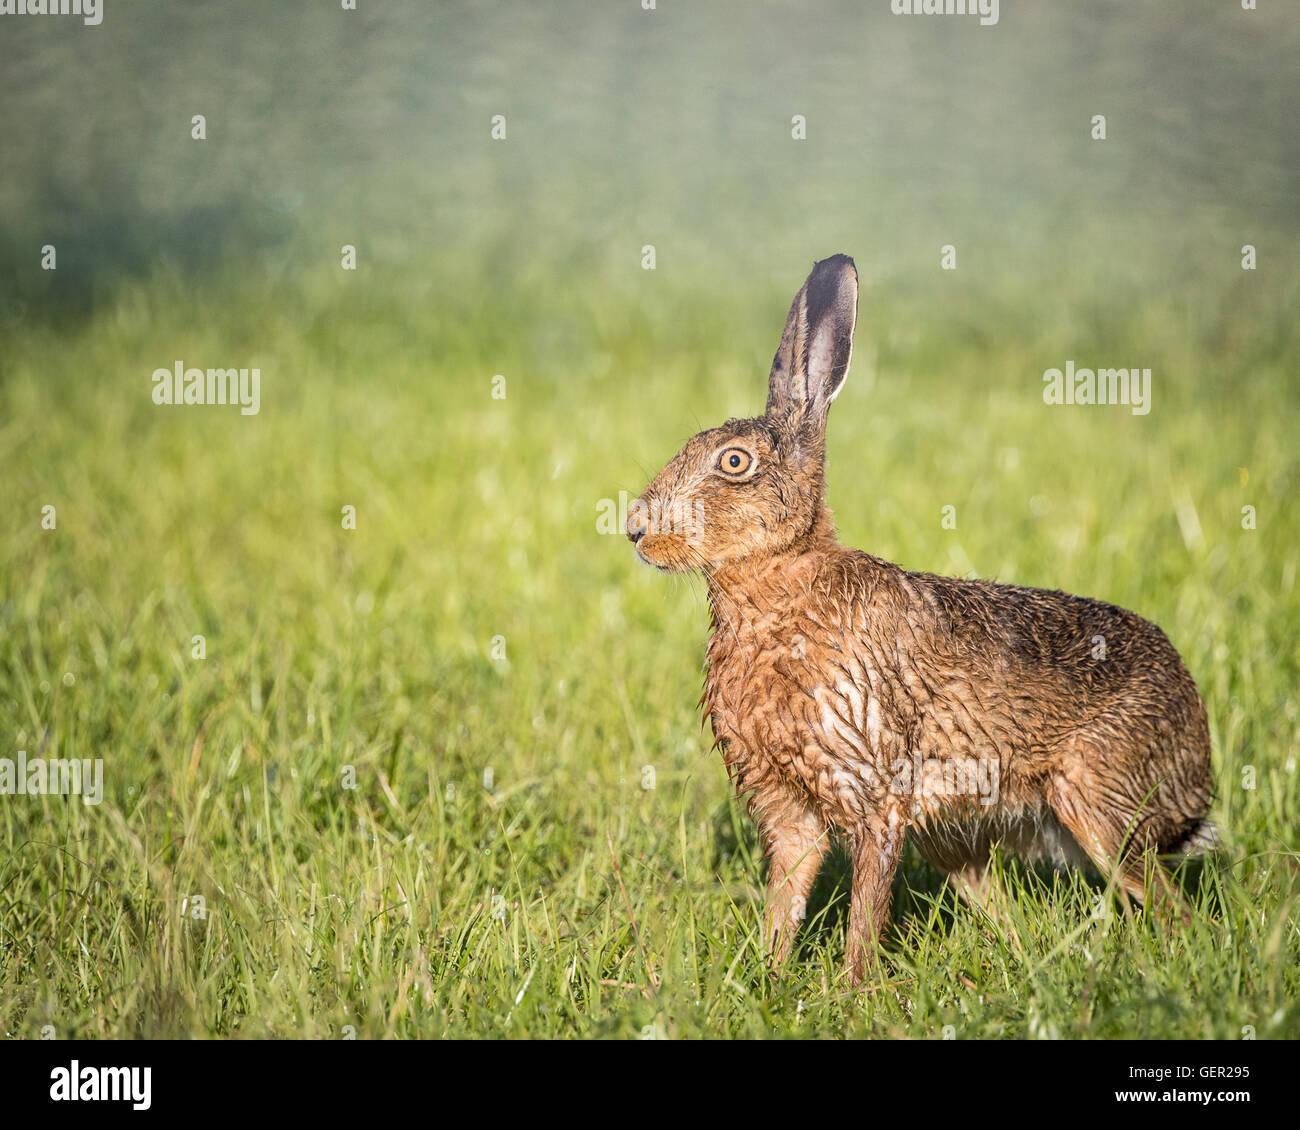 Brown Liebre en campo,alerta, húmedo de bañarse en el charco (Lepus europaeus) Imagen De Stock